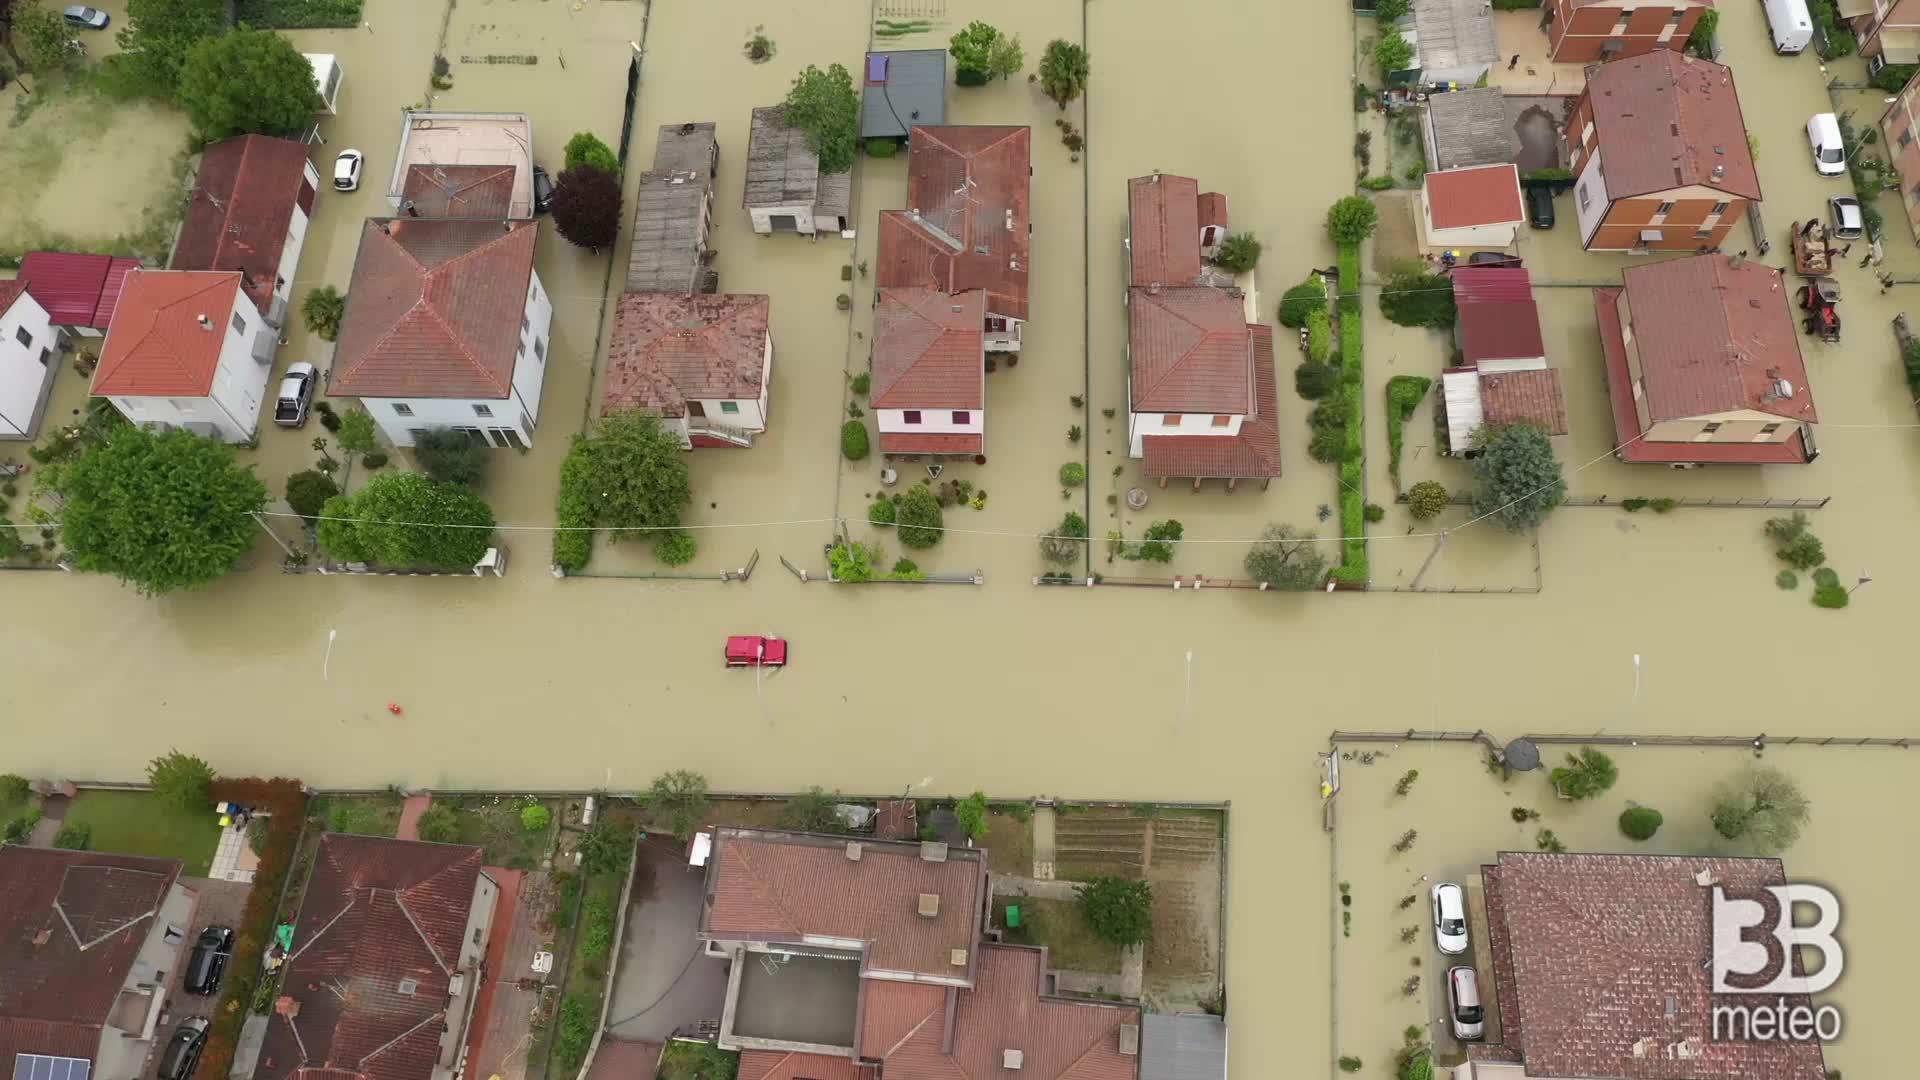 Alluvione a Villafranca di Forlì: 200 case inondate, video drone